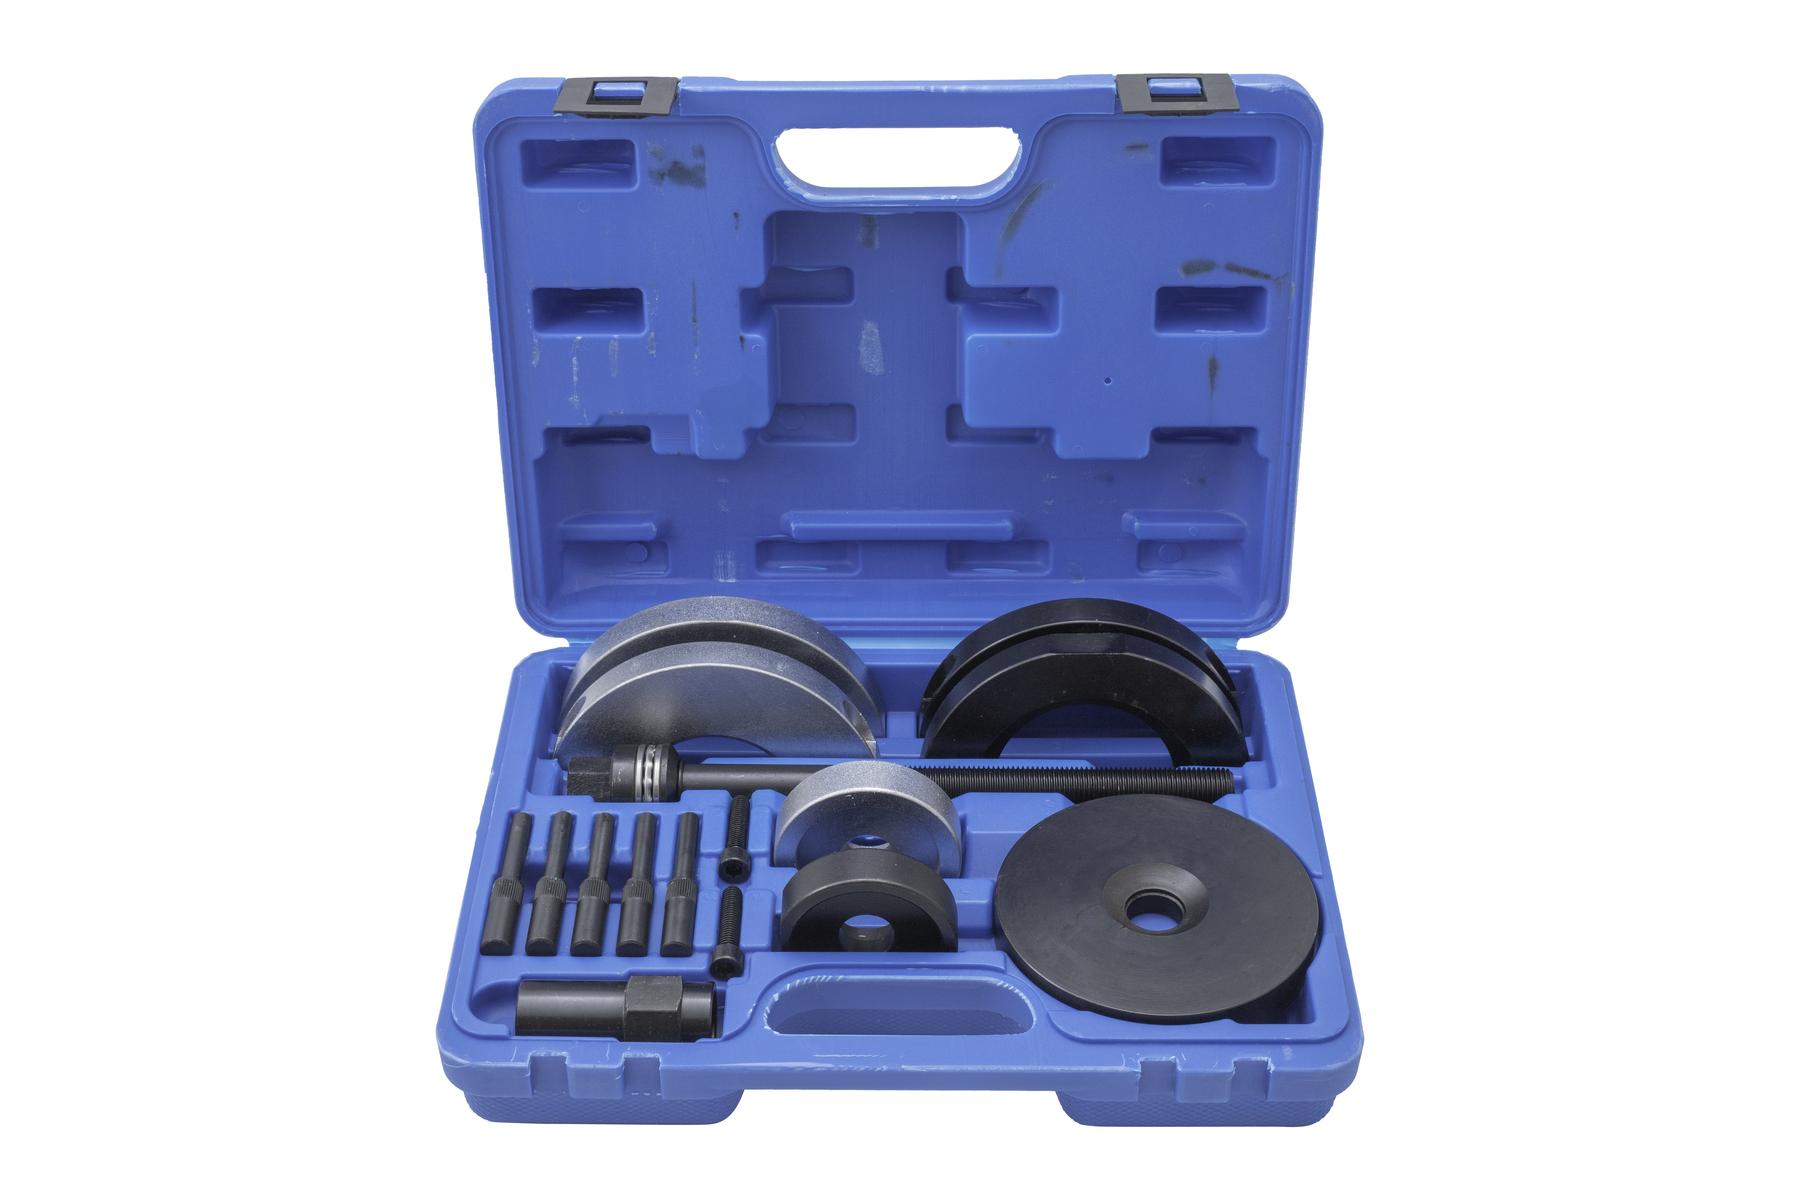 Sada pro montáž a demontáž ložisek kol (náboje) 72 mm VW, Škoda a další - QUATROS QS80432